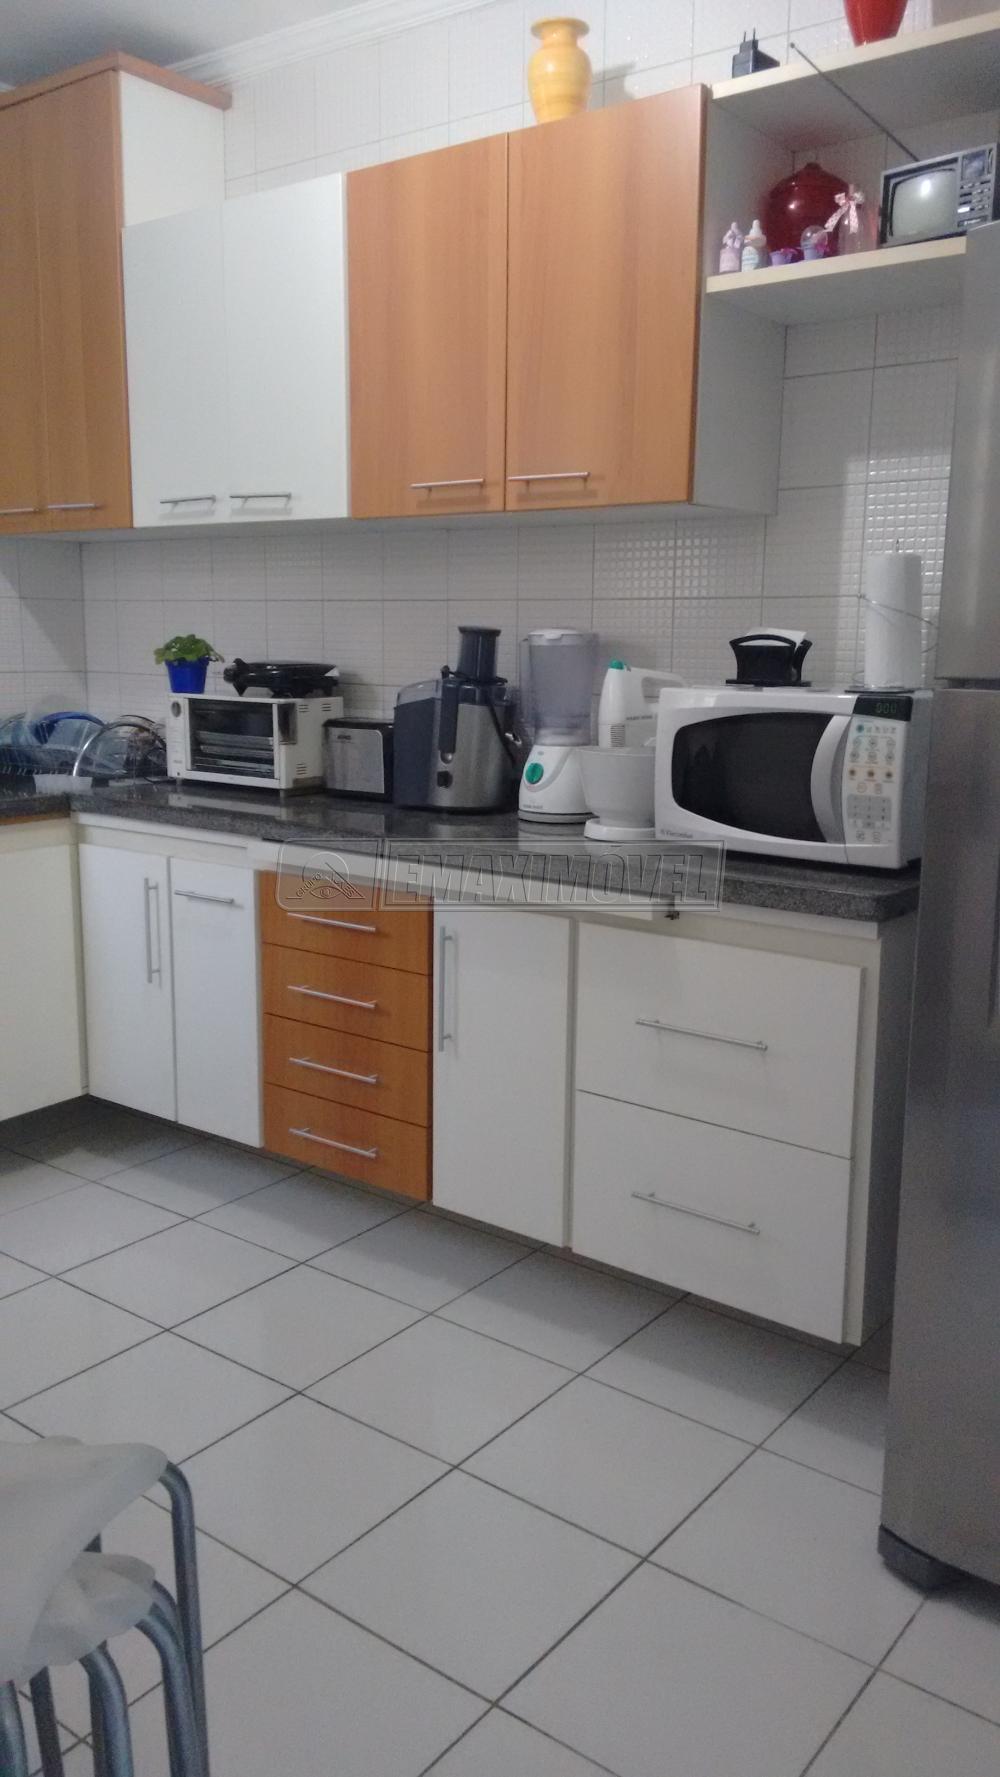 Comprar Casas / em Condomínios em Sorocaba apenas R$ 300.000,00 - Foto 9